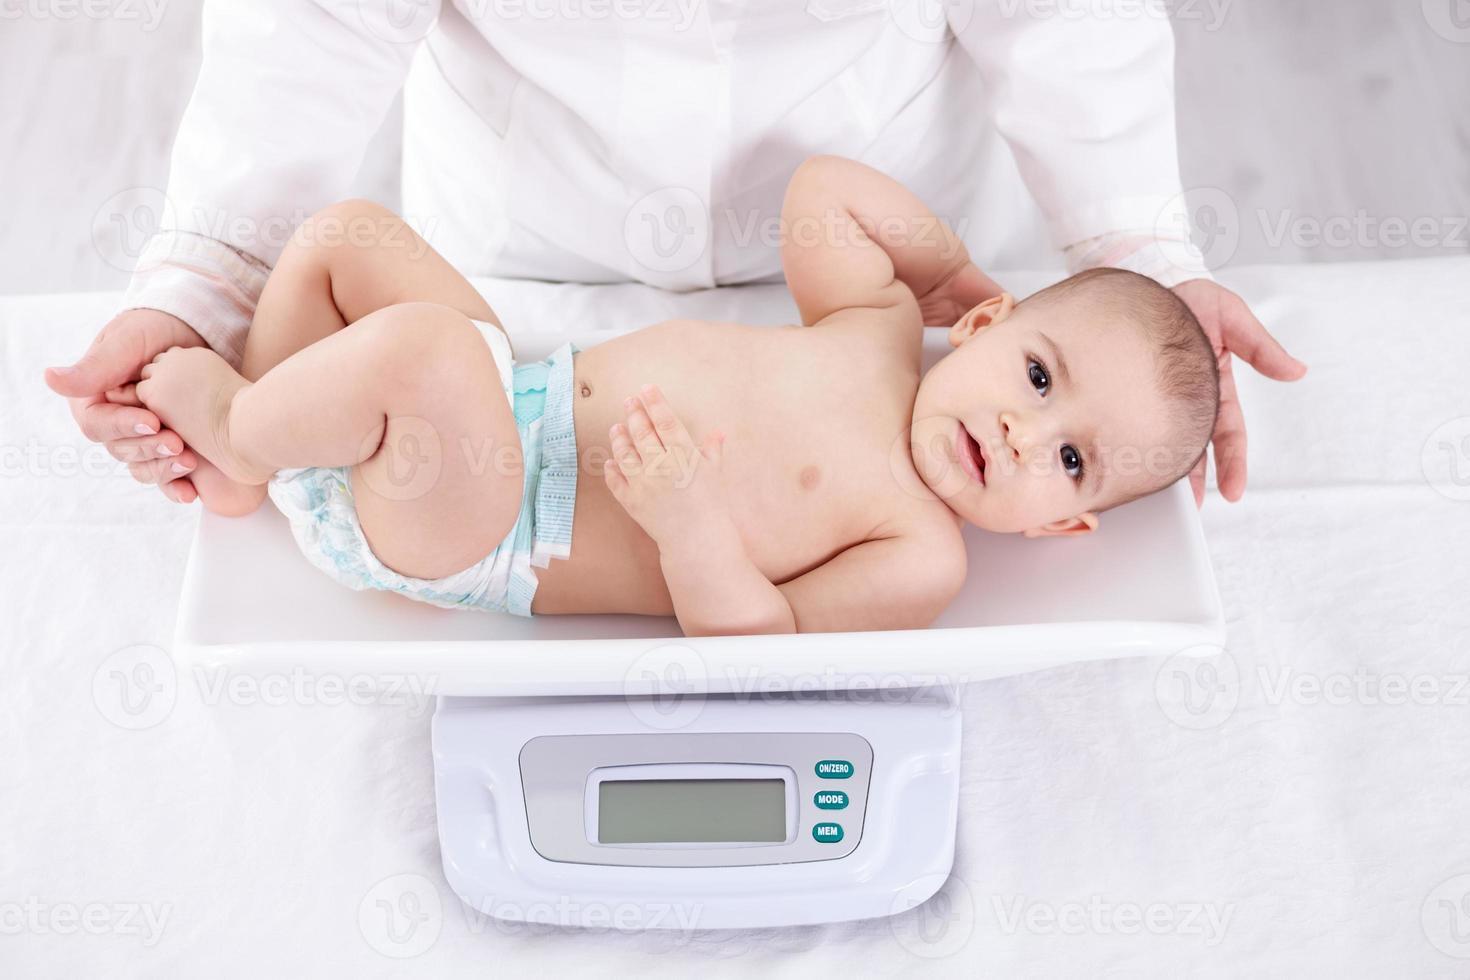 pediatra feminino pesando bebê no escritório foto